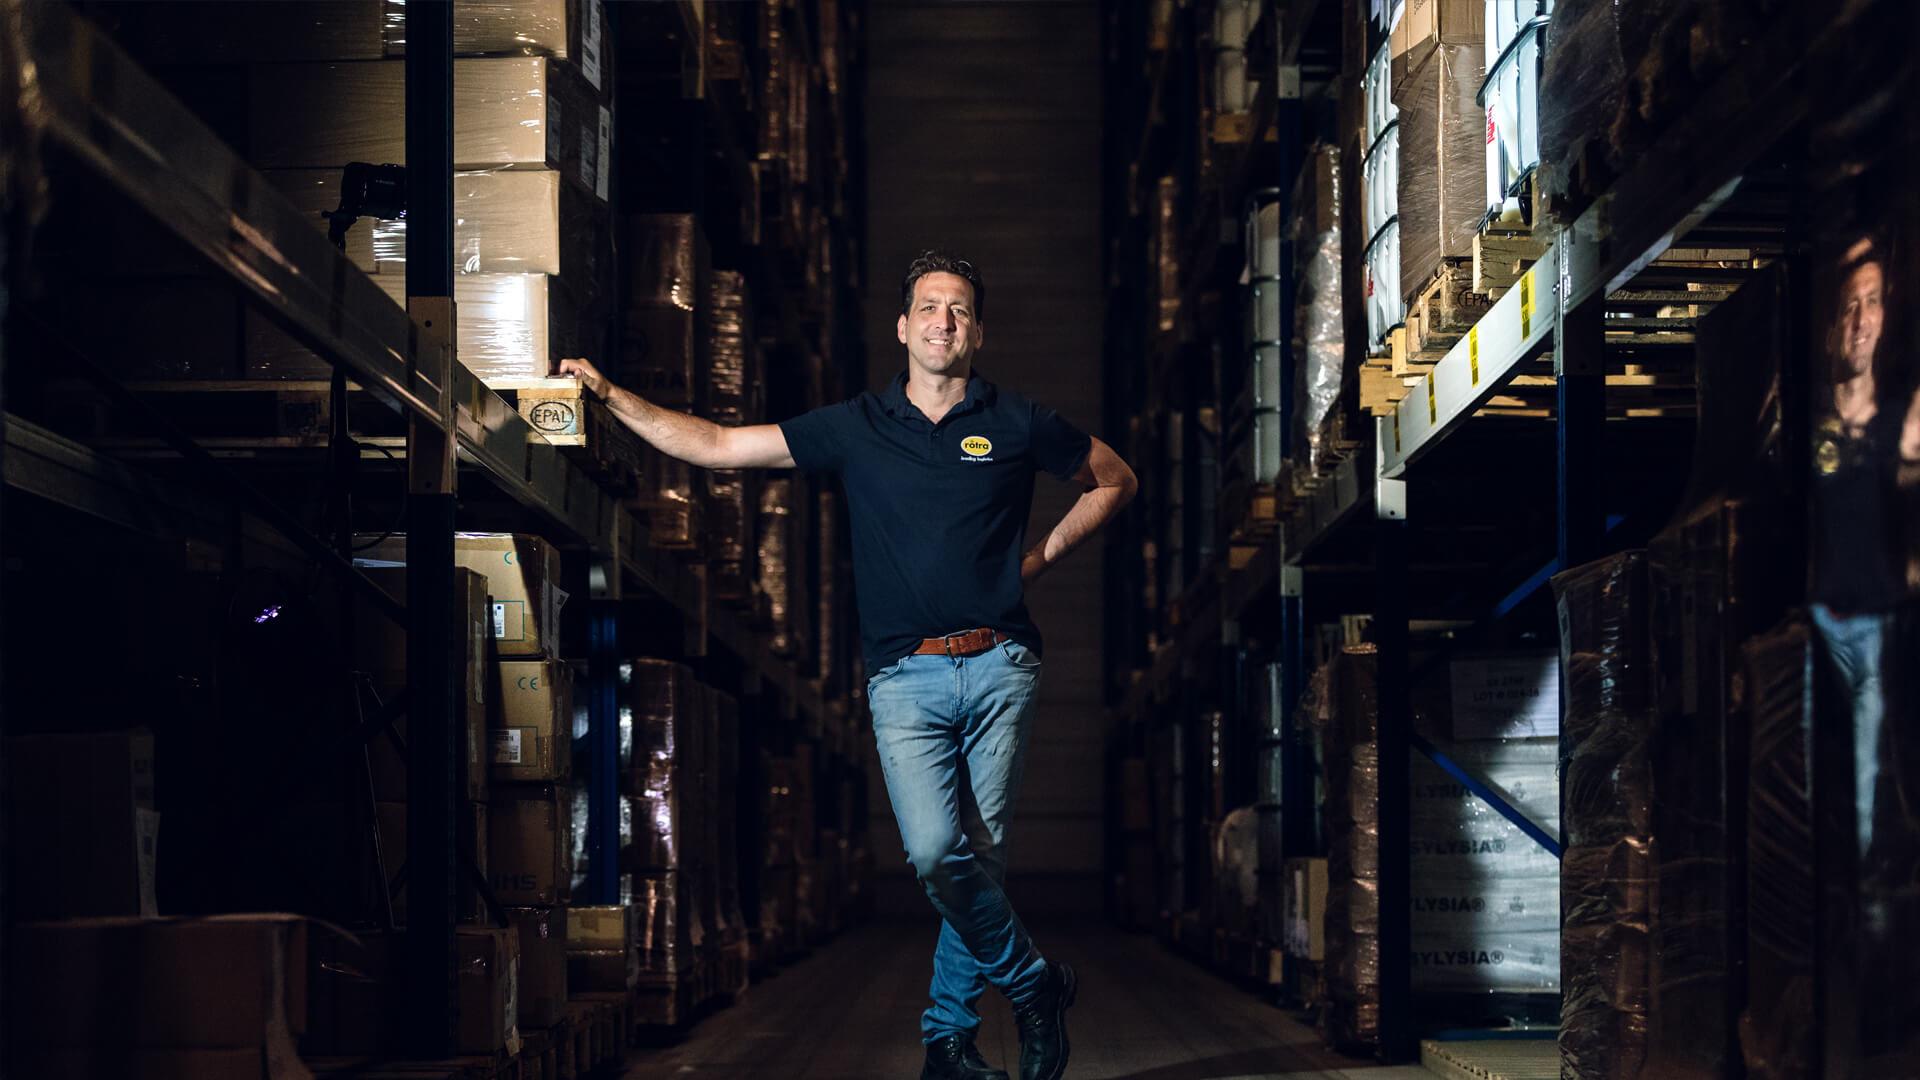 Distributieplanner – Benelux